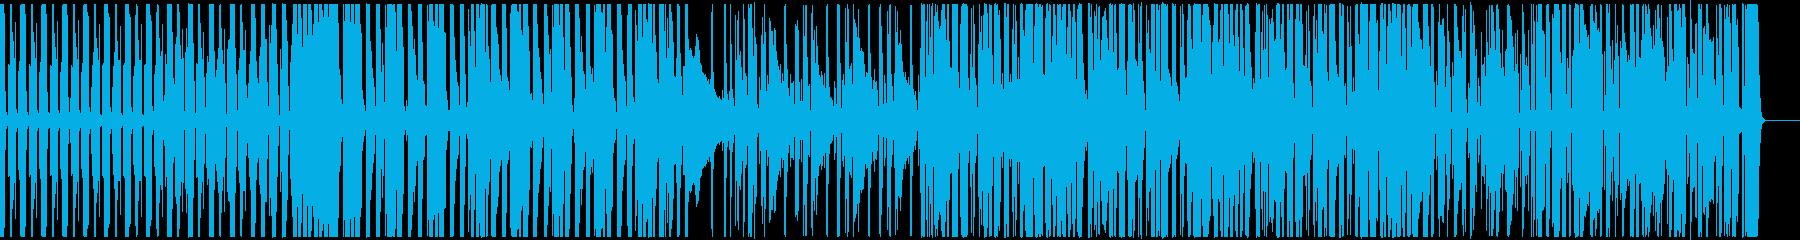 アコースティックギター・スラップ・ロックの再生済みの波形